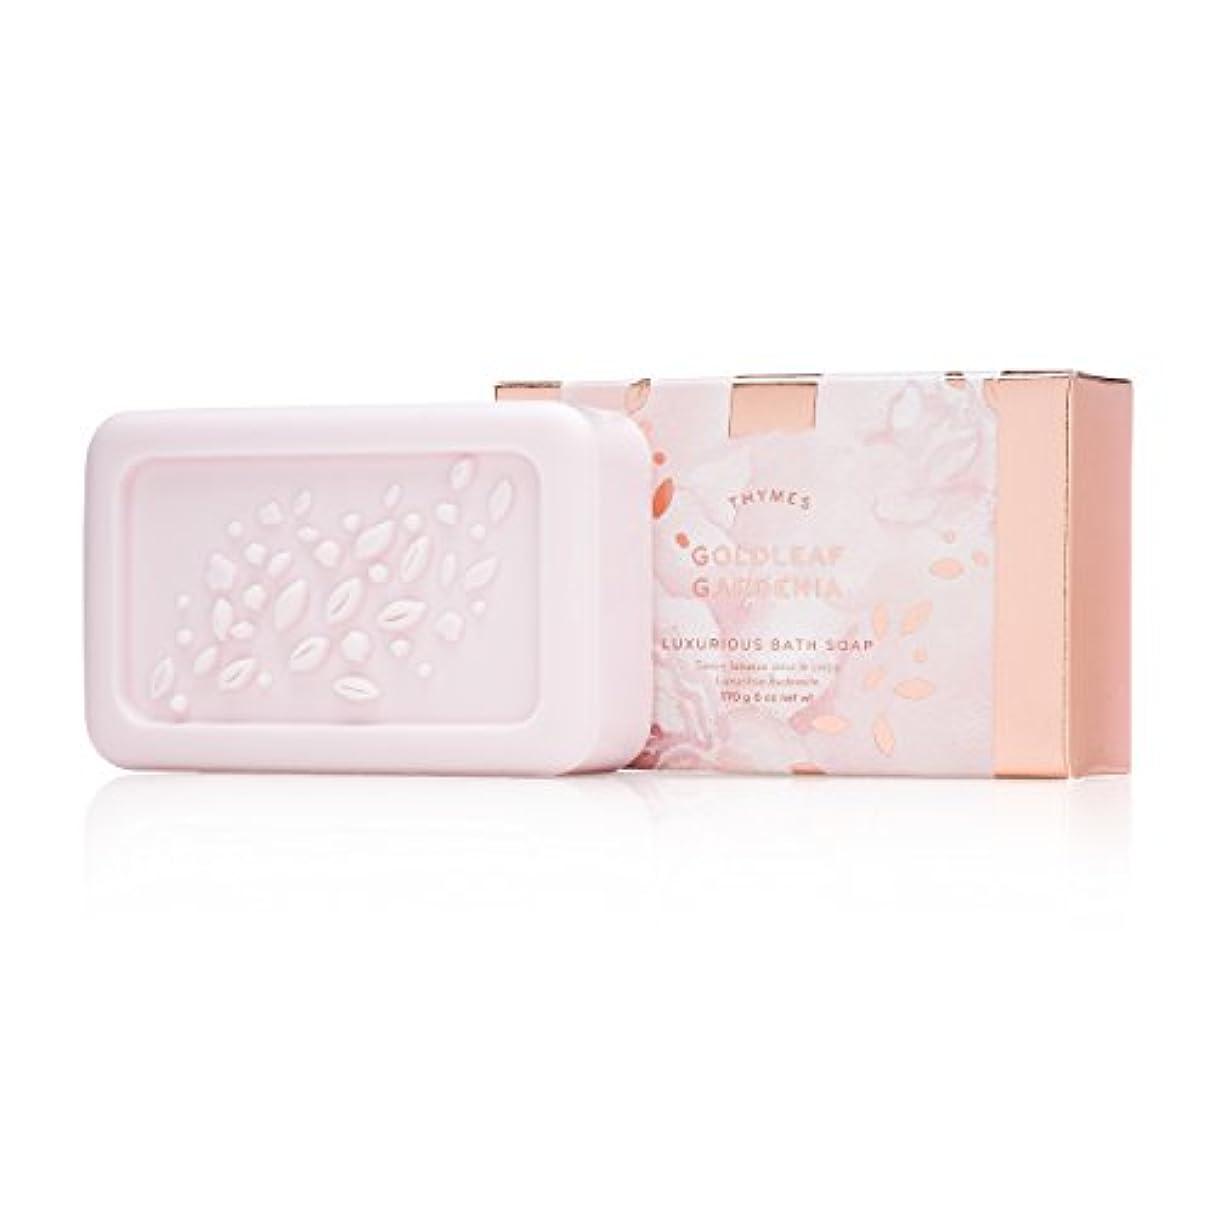 ブート通路組み合わせるタイムズ Goldleaf Gardenia Luxurious Bath Soap 170g/6oz並行輸入品